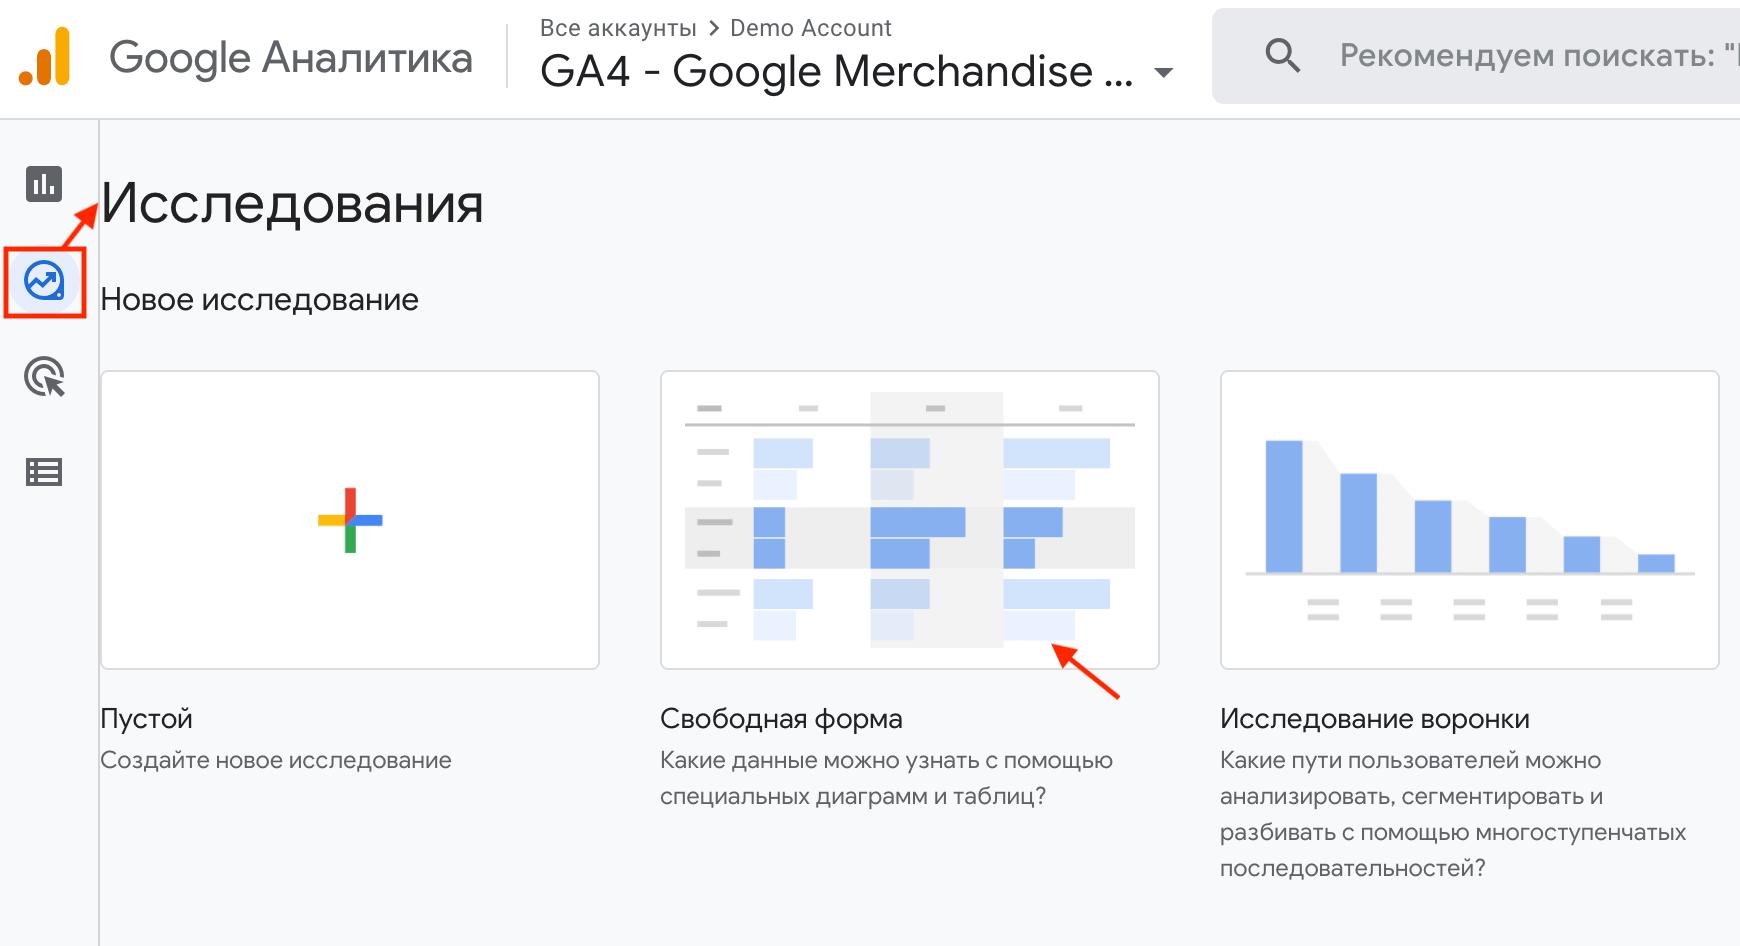 Шаблон «Свободная форма» рабочей области «Исследования» в Google Аналитике 4